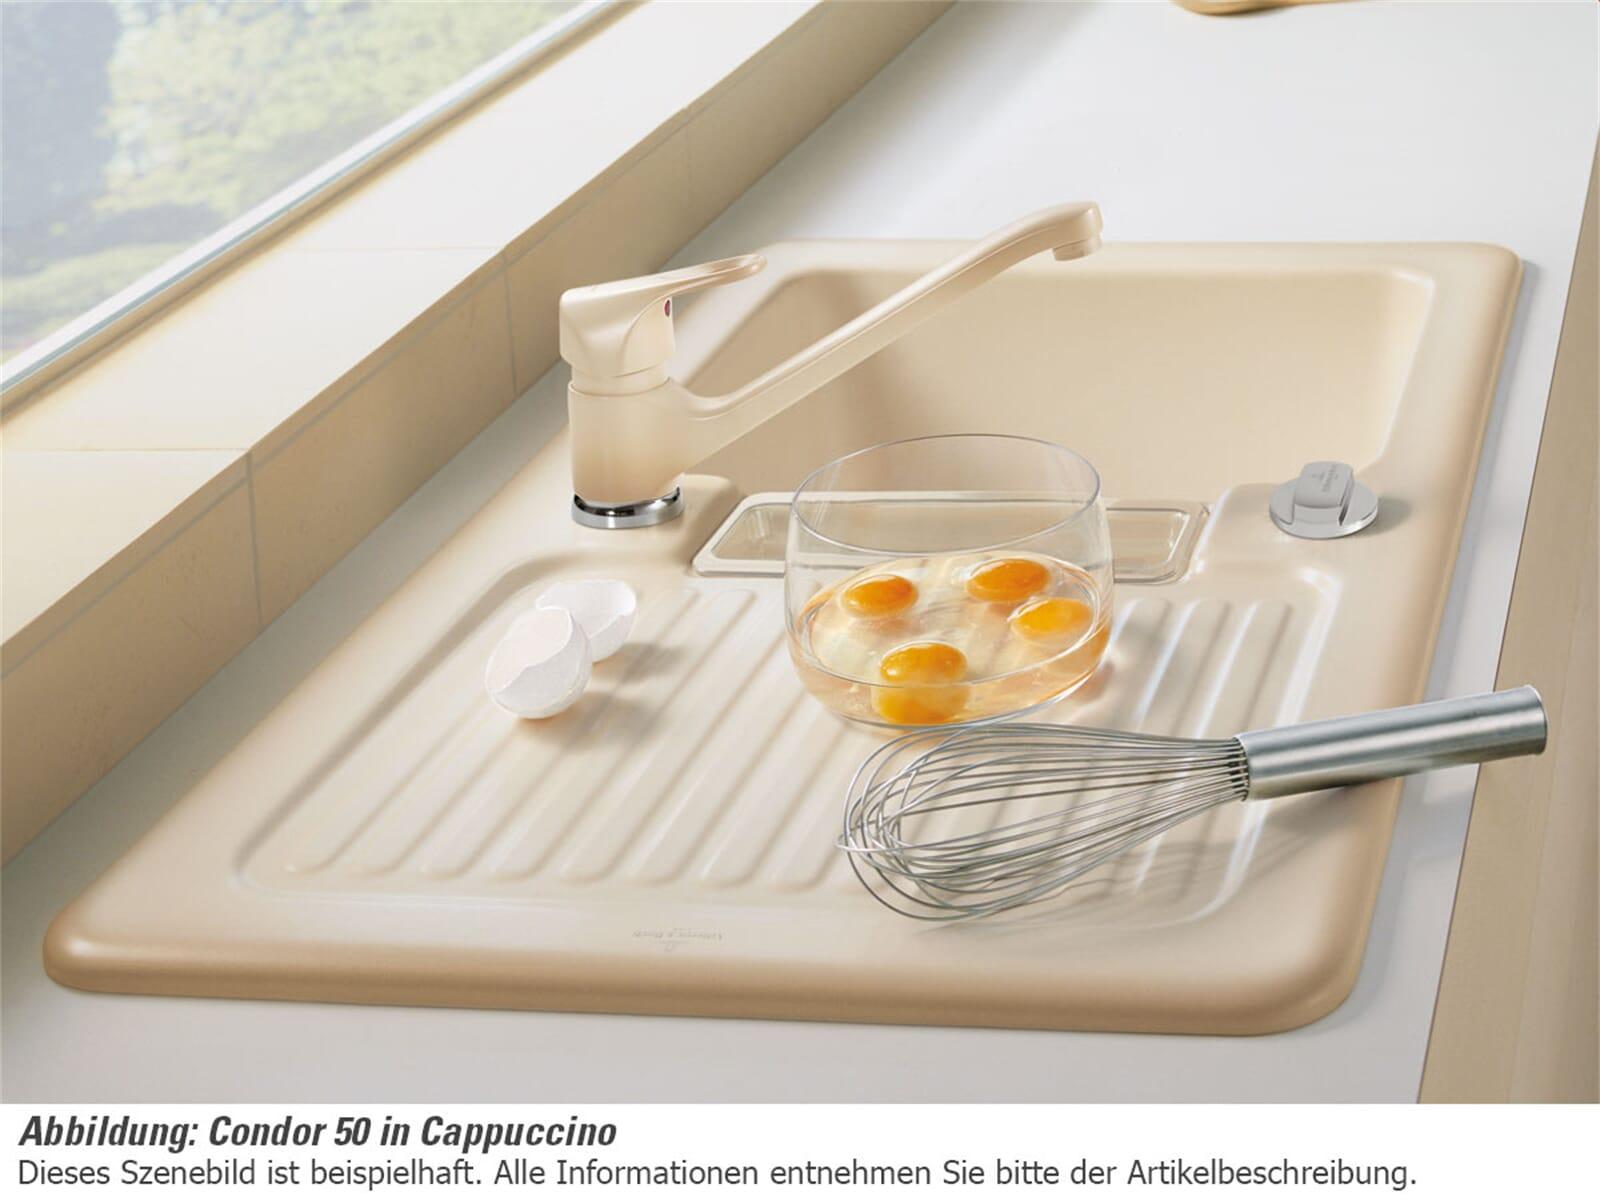 Villeroy & Boch Condor 50 Sand - 6732 02 i5 Keramikspüle Exzenterbetätigung